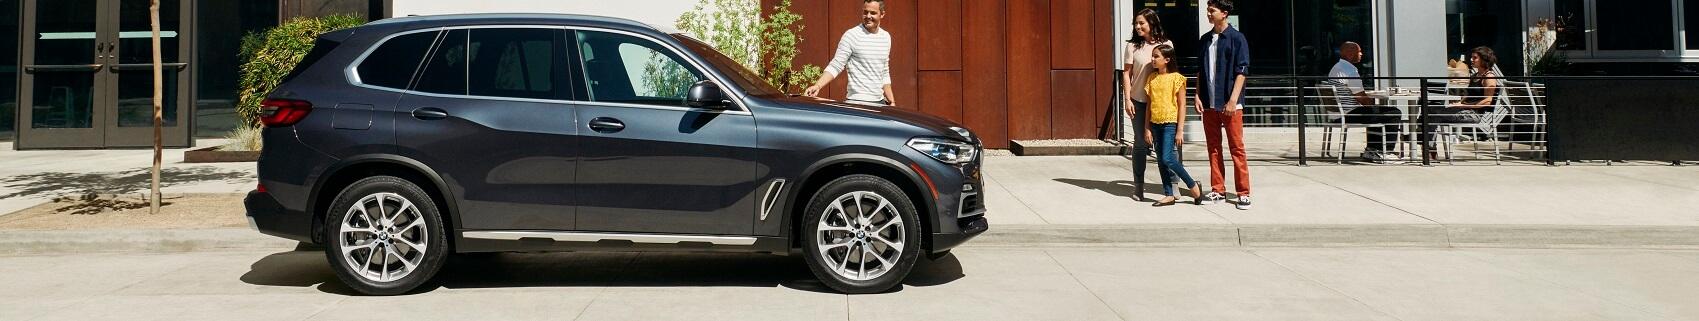 2020 BMW X5 Jackson MS